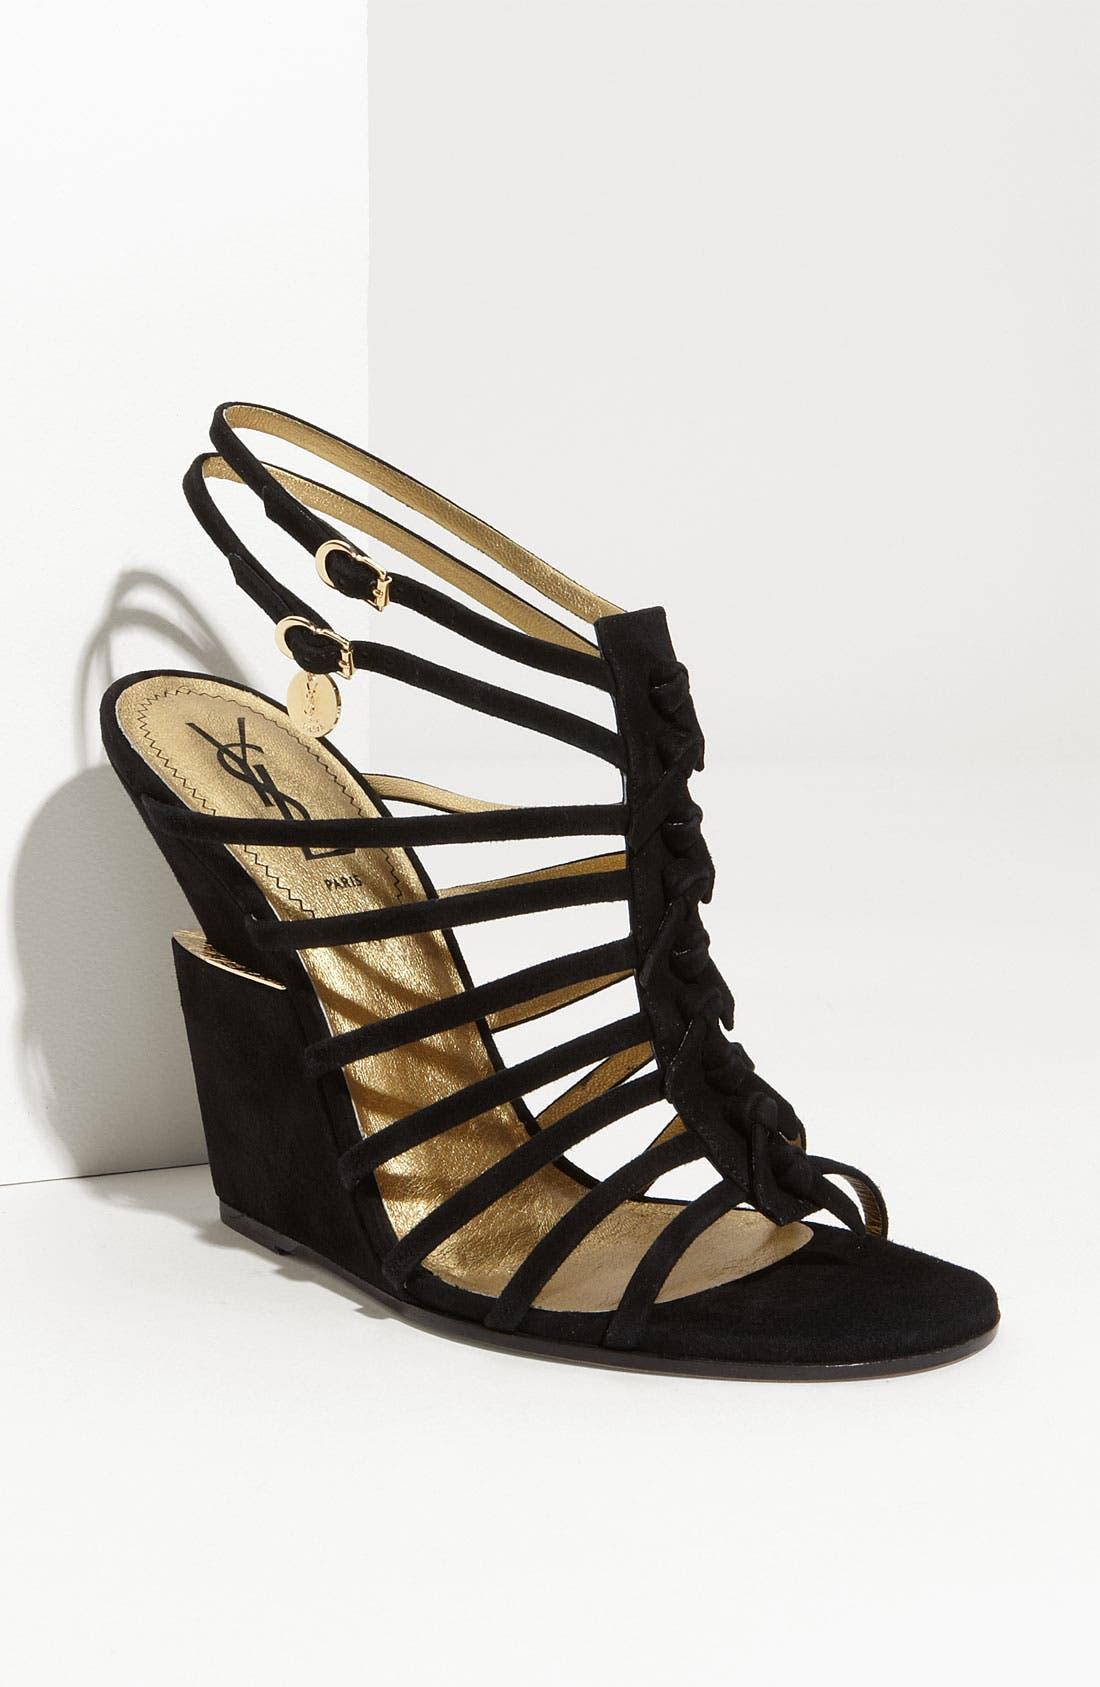 Alternate Image 1 Selected - Yves Saint Laurent 'Trybal' Wedge Sandal